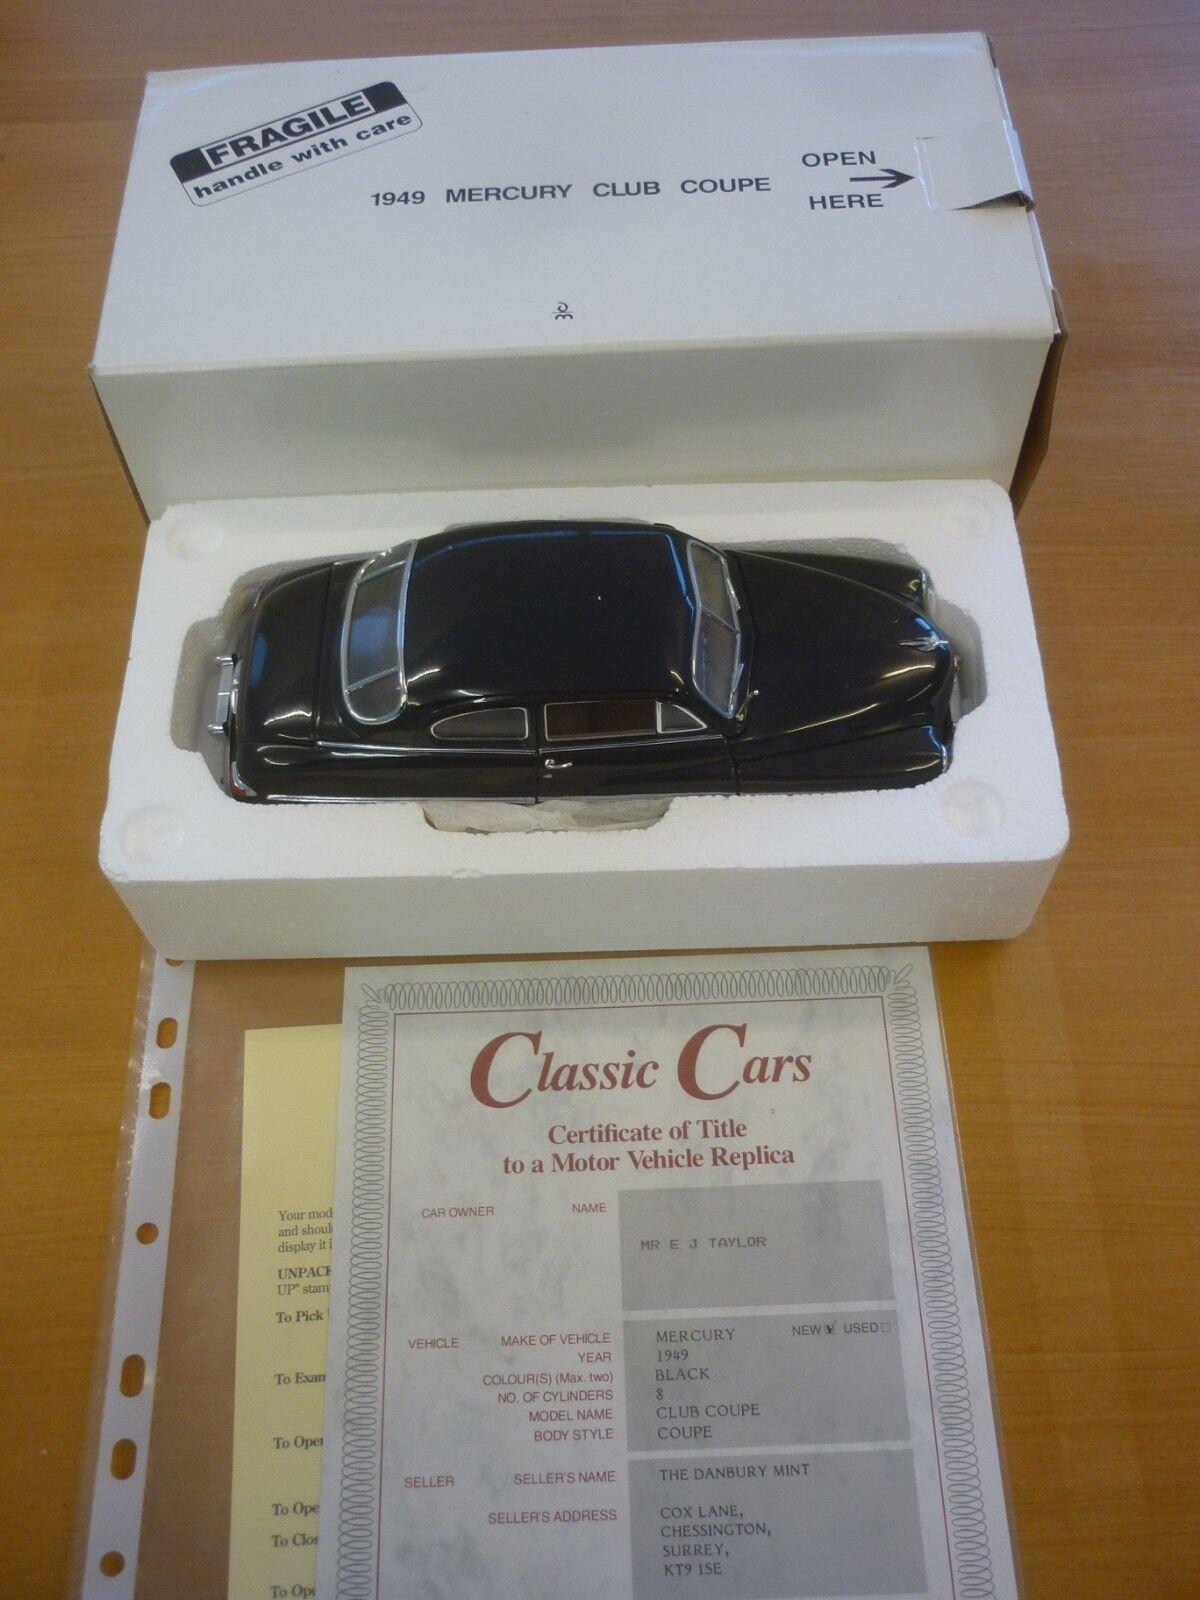 Ein von mint ein modell einer 1949 quecksilber club coupe geboxt, papierkram